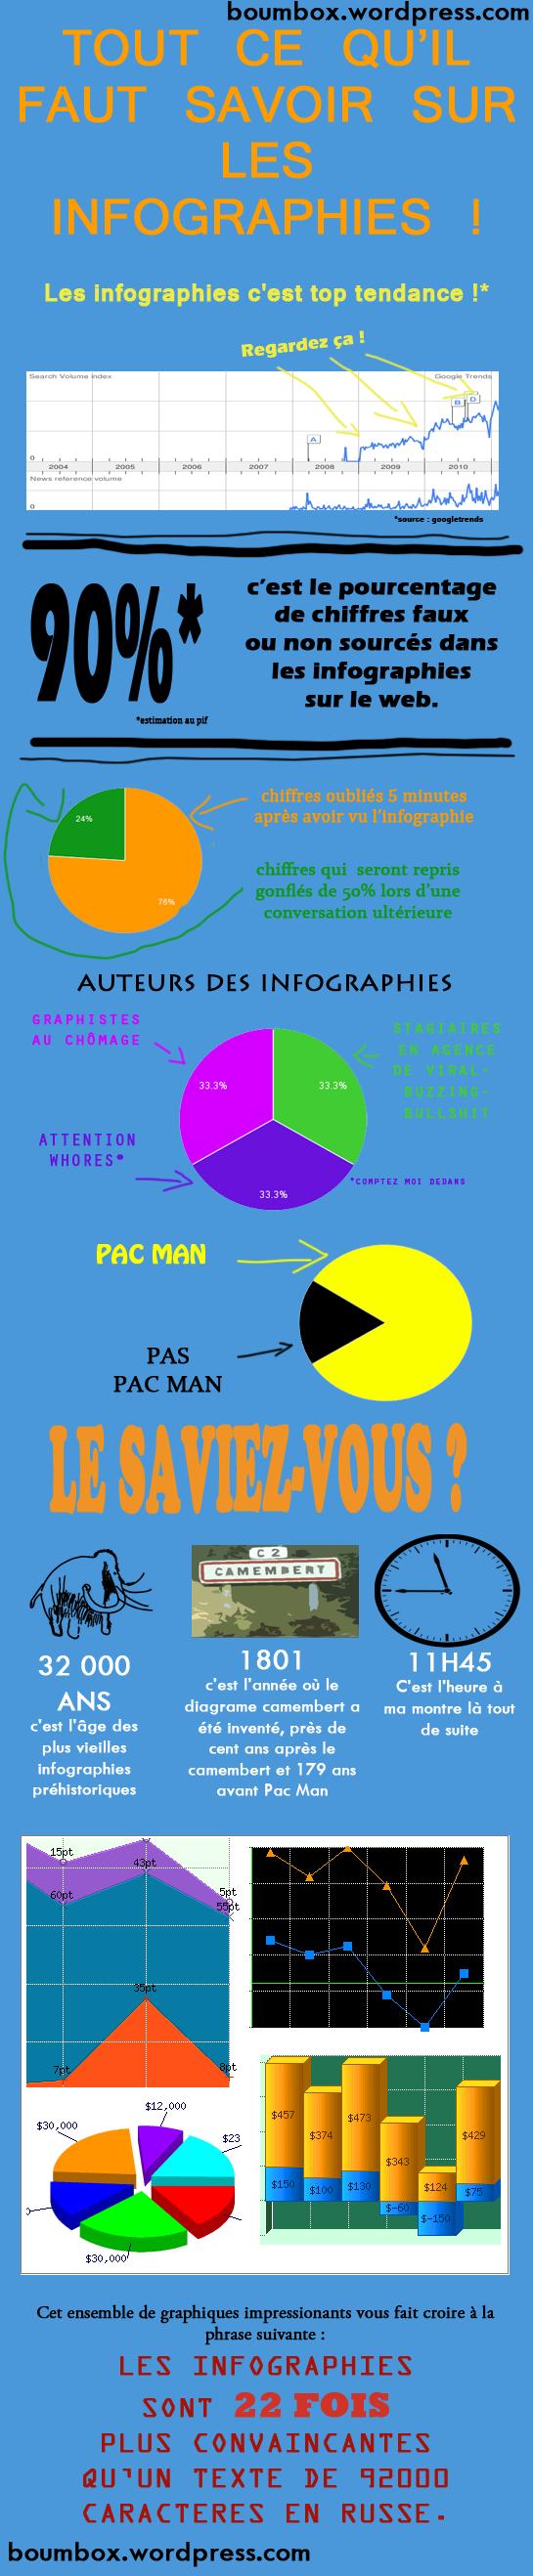 Infographie Boumbox